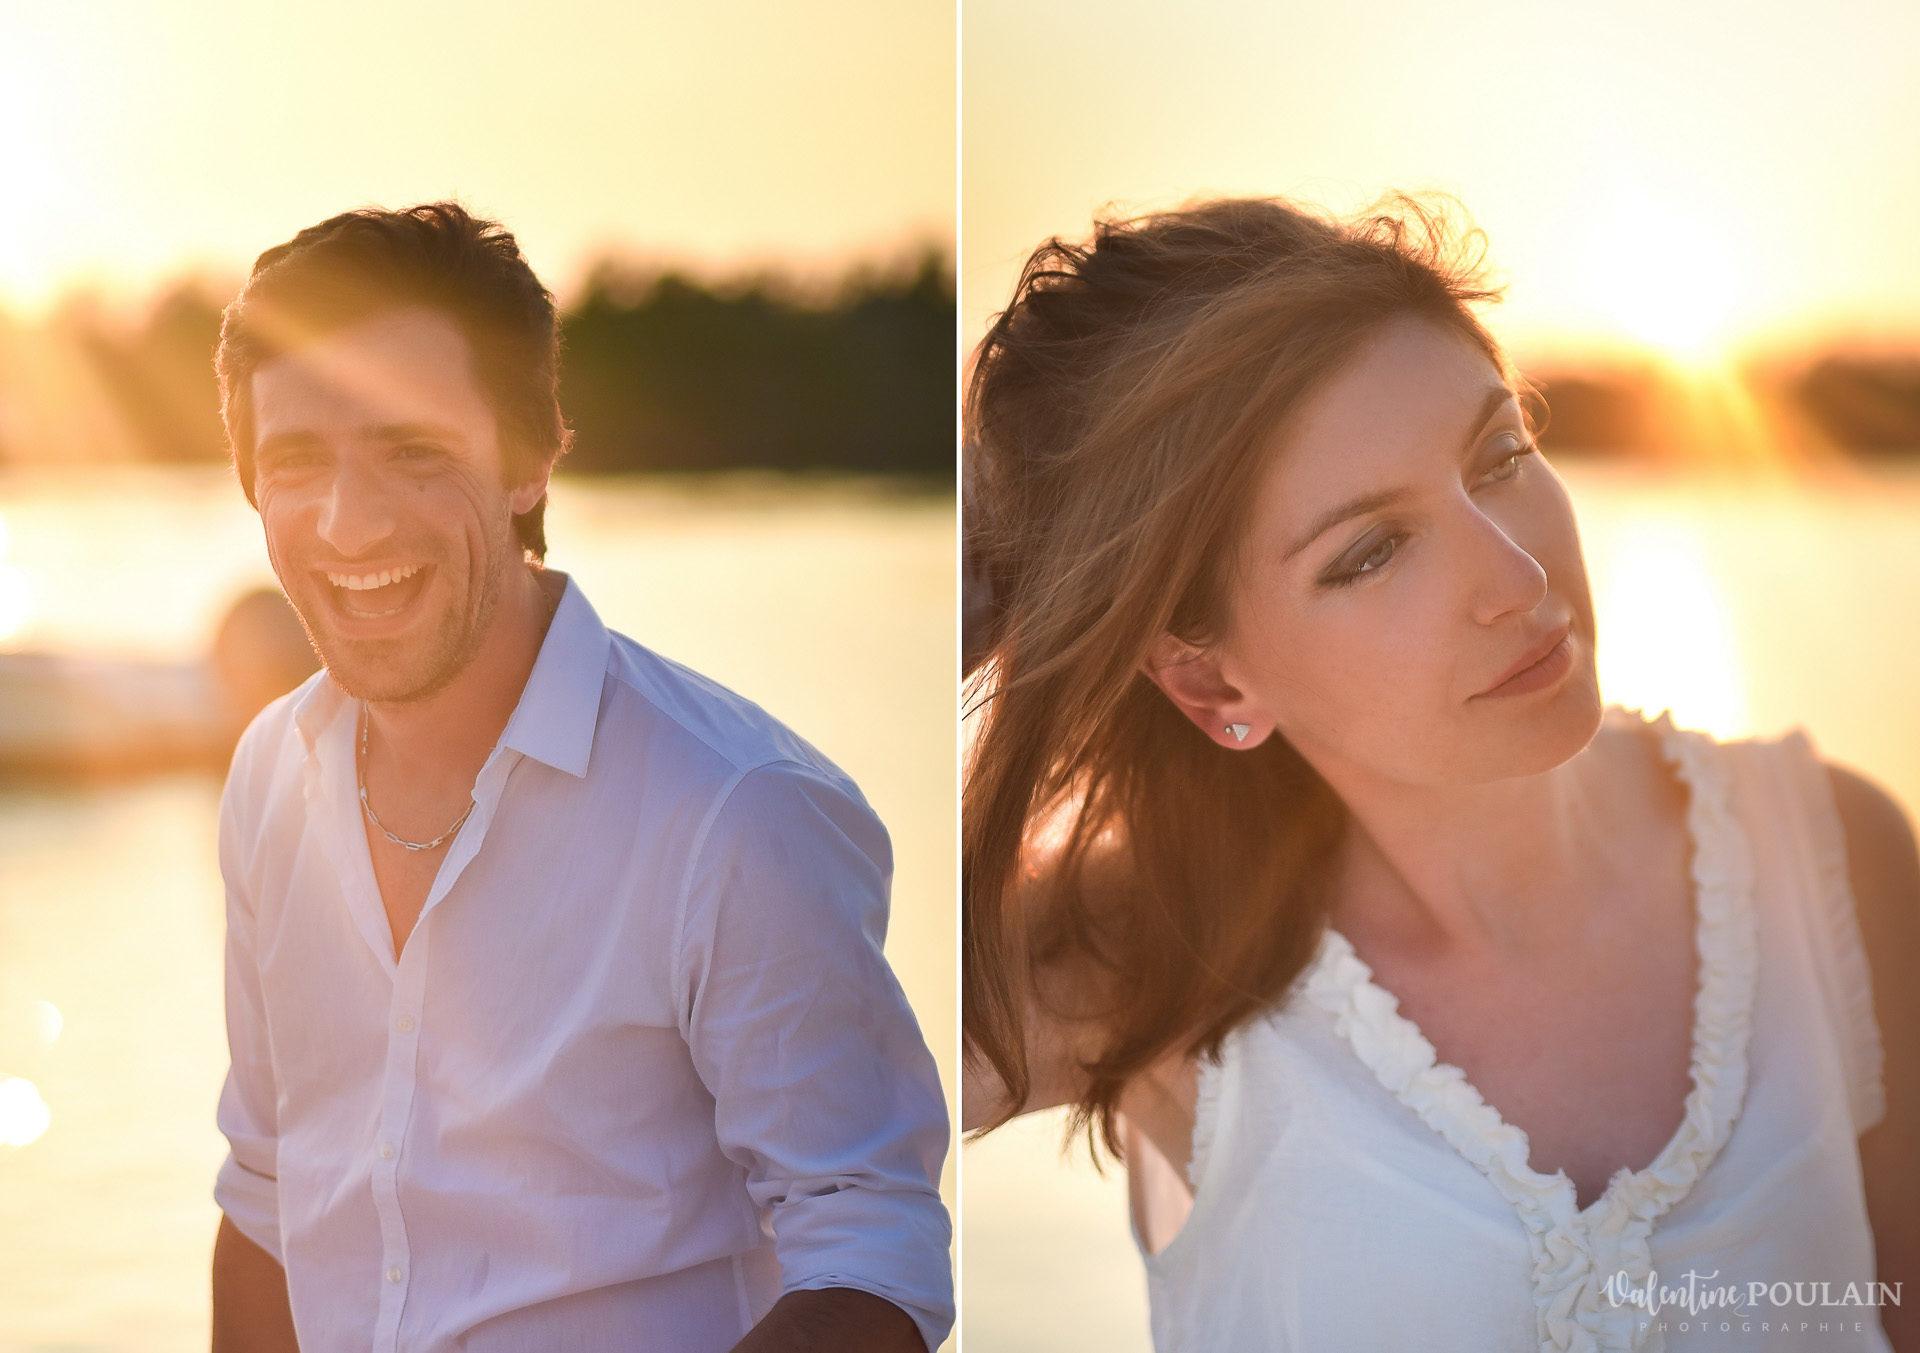 Couple Miam Keys Florida - Valentine Poulain portraits